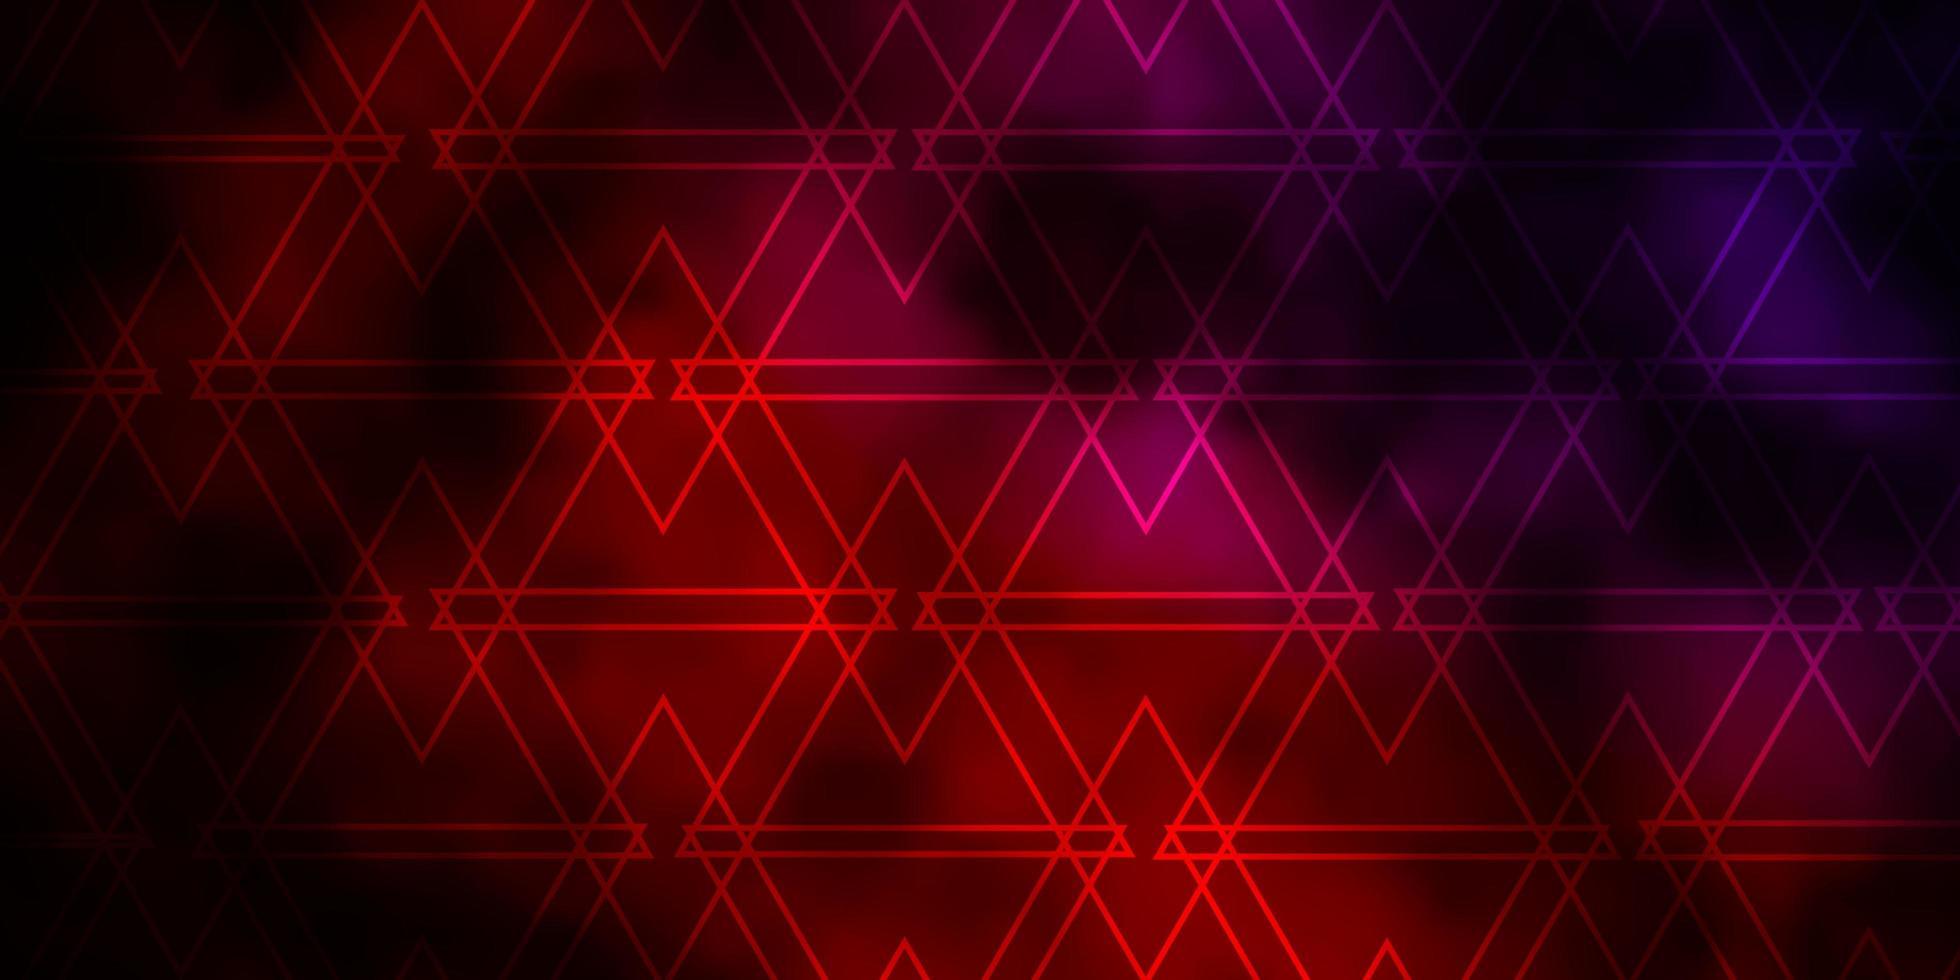 layout de vetor rosa escuro e vermelho com linhas, triângulos.